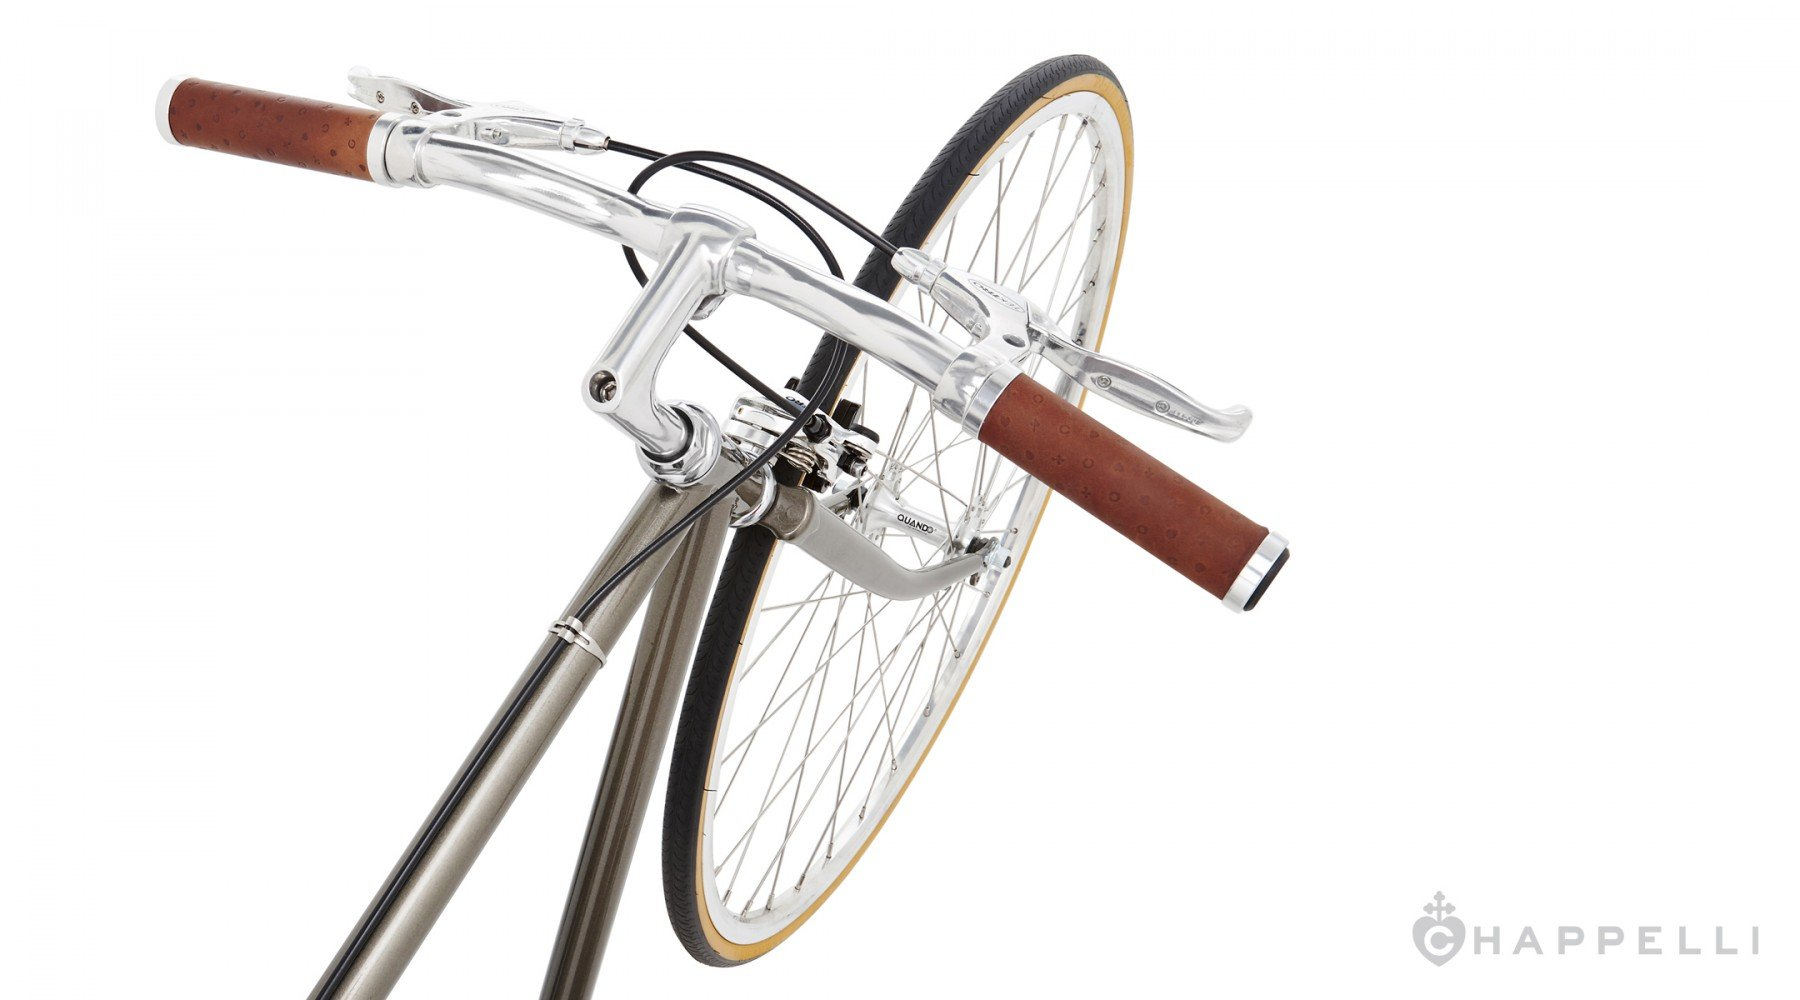 Chappelli présente son nouveau fixie vintage Pistola